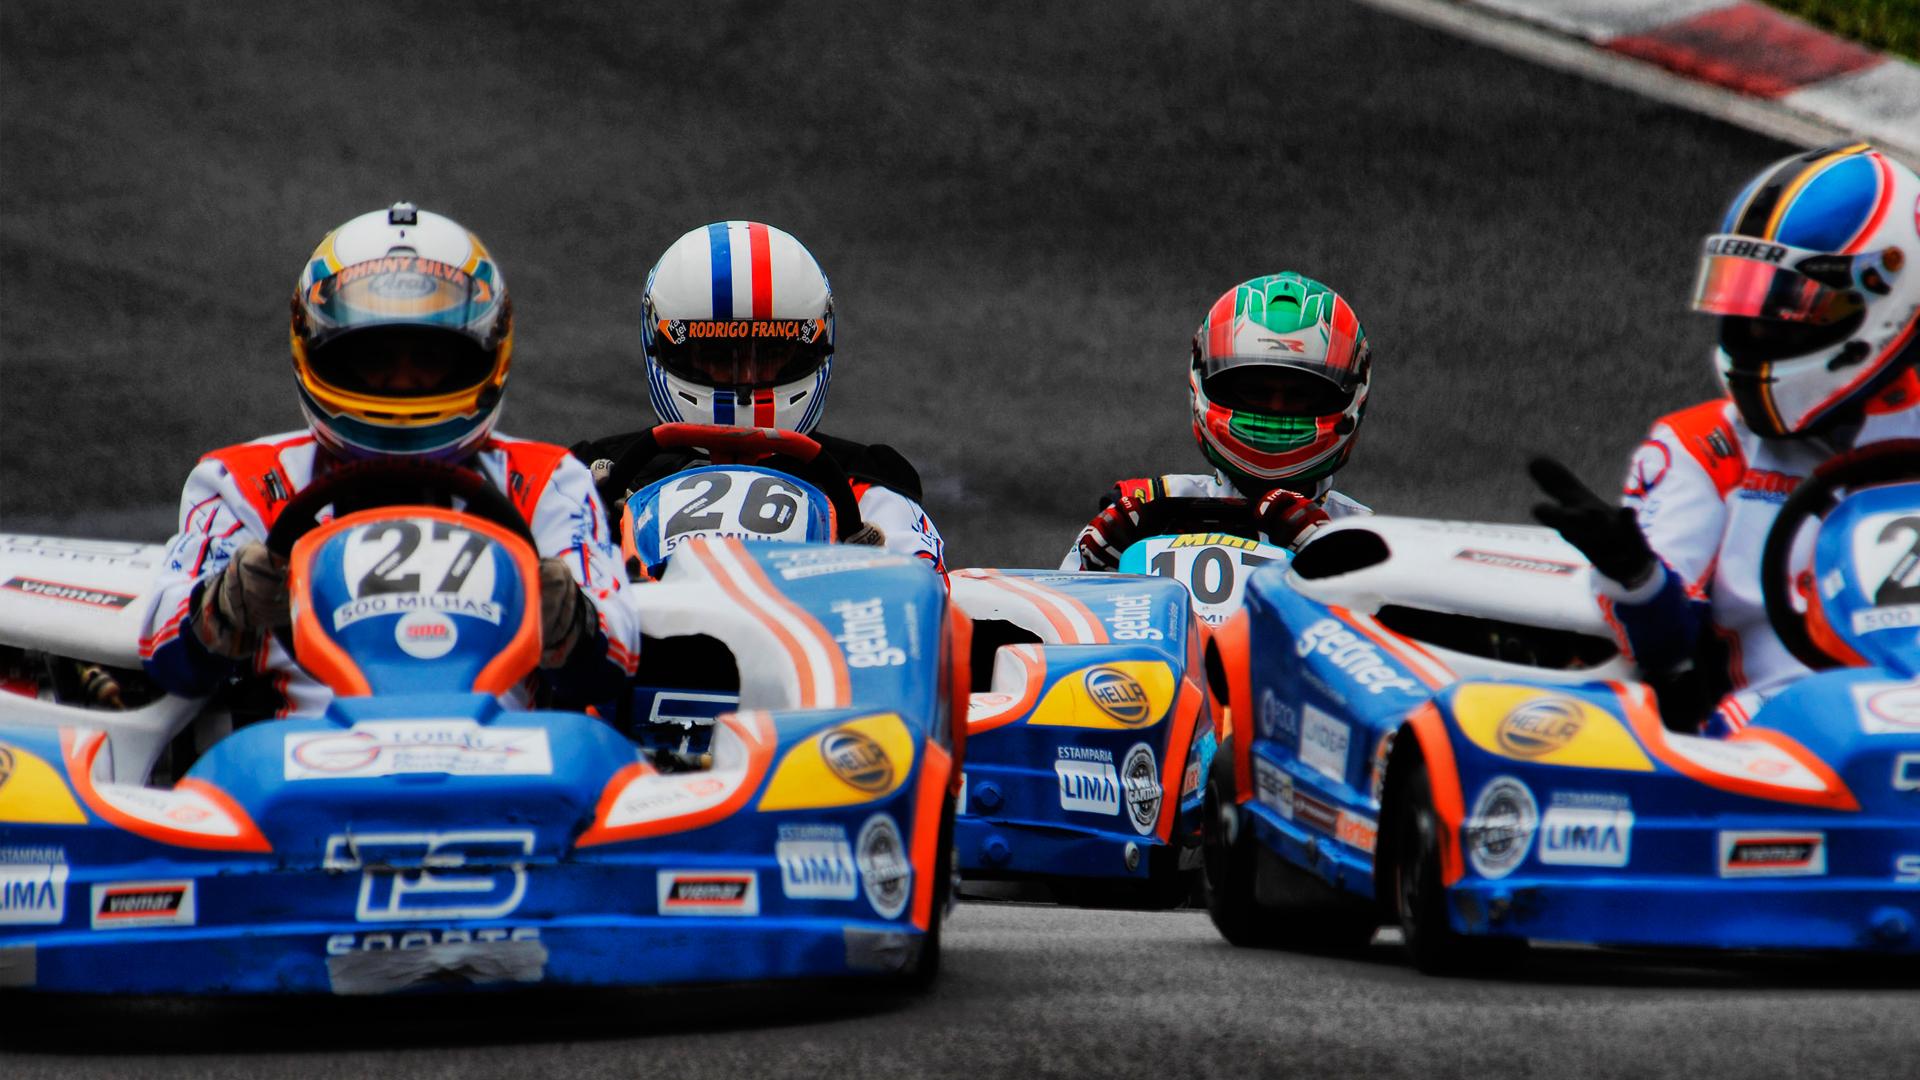 4 karts correndo em uma das disputas mais conhecidas, que é a corrida 500 milhas de kart.